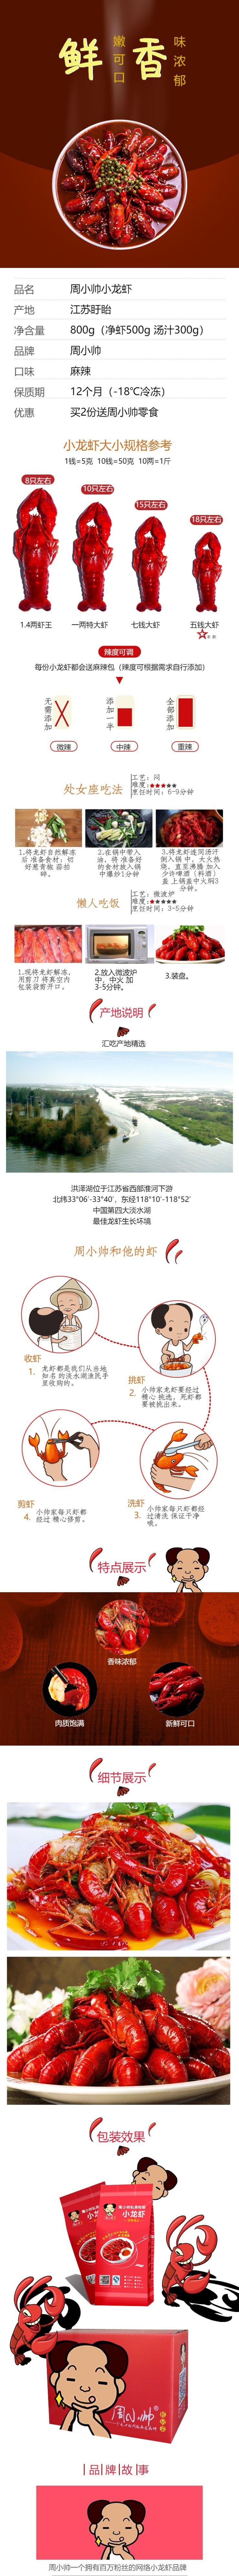 清新鲜香龙虾食品电商详情页